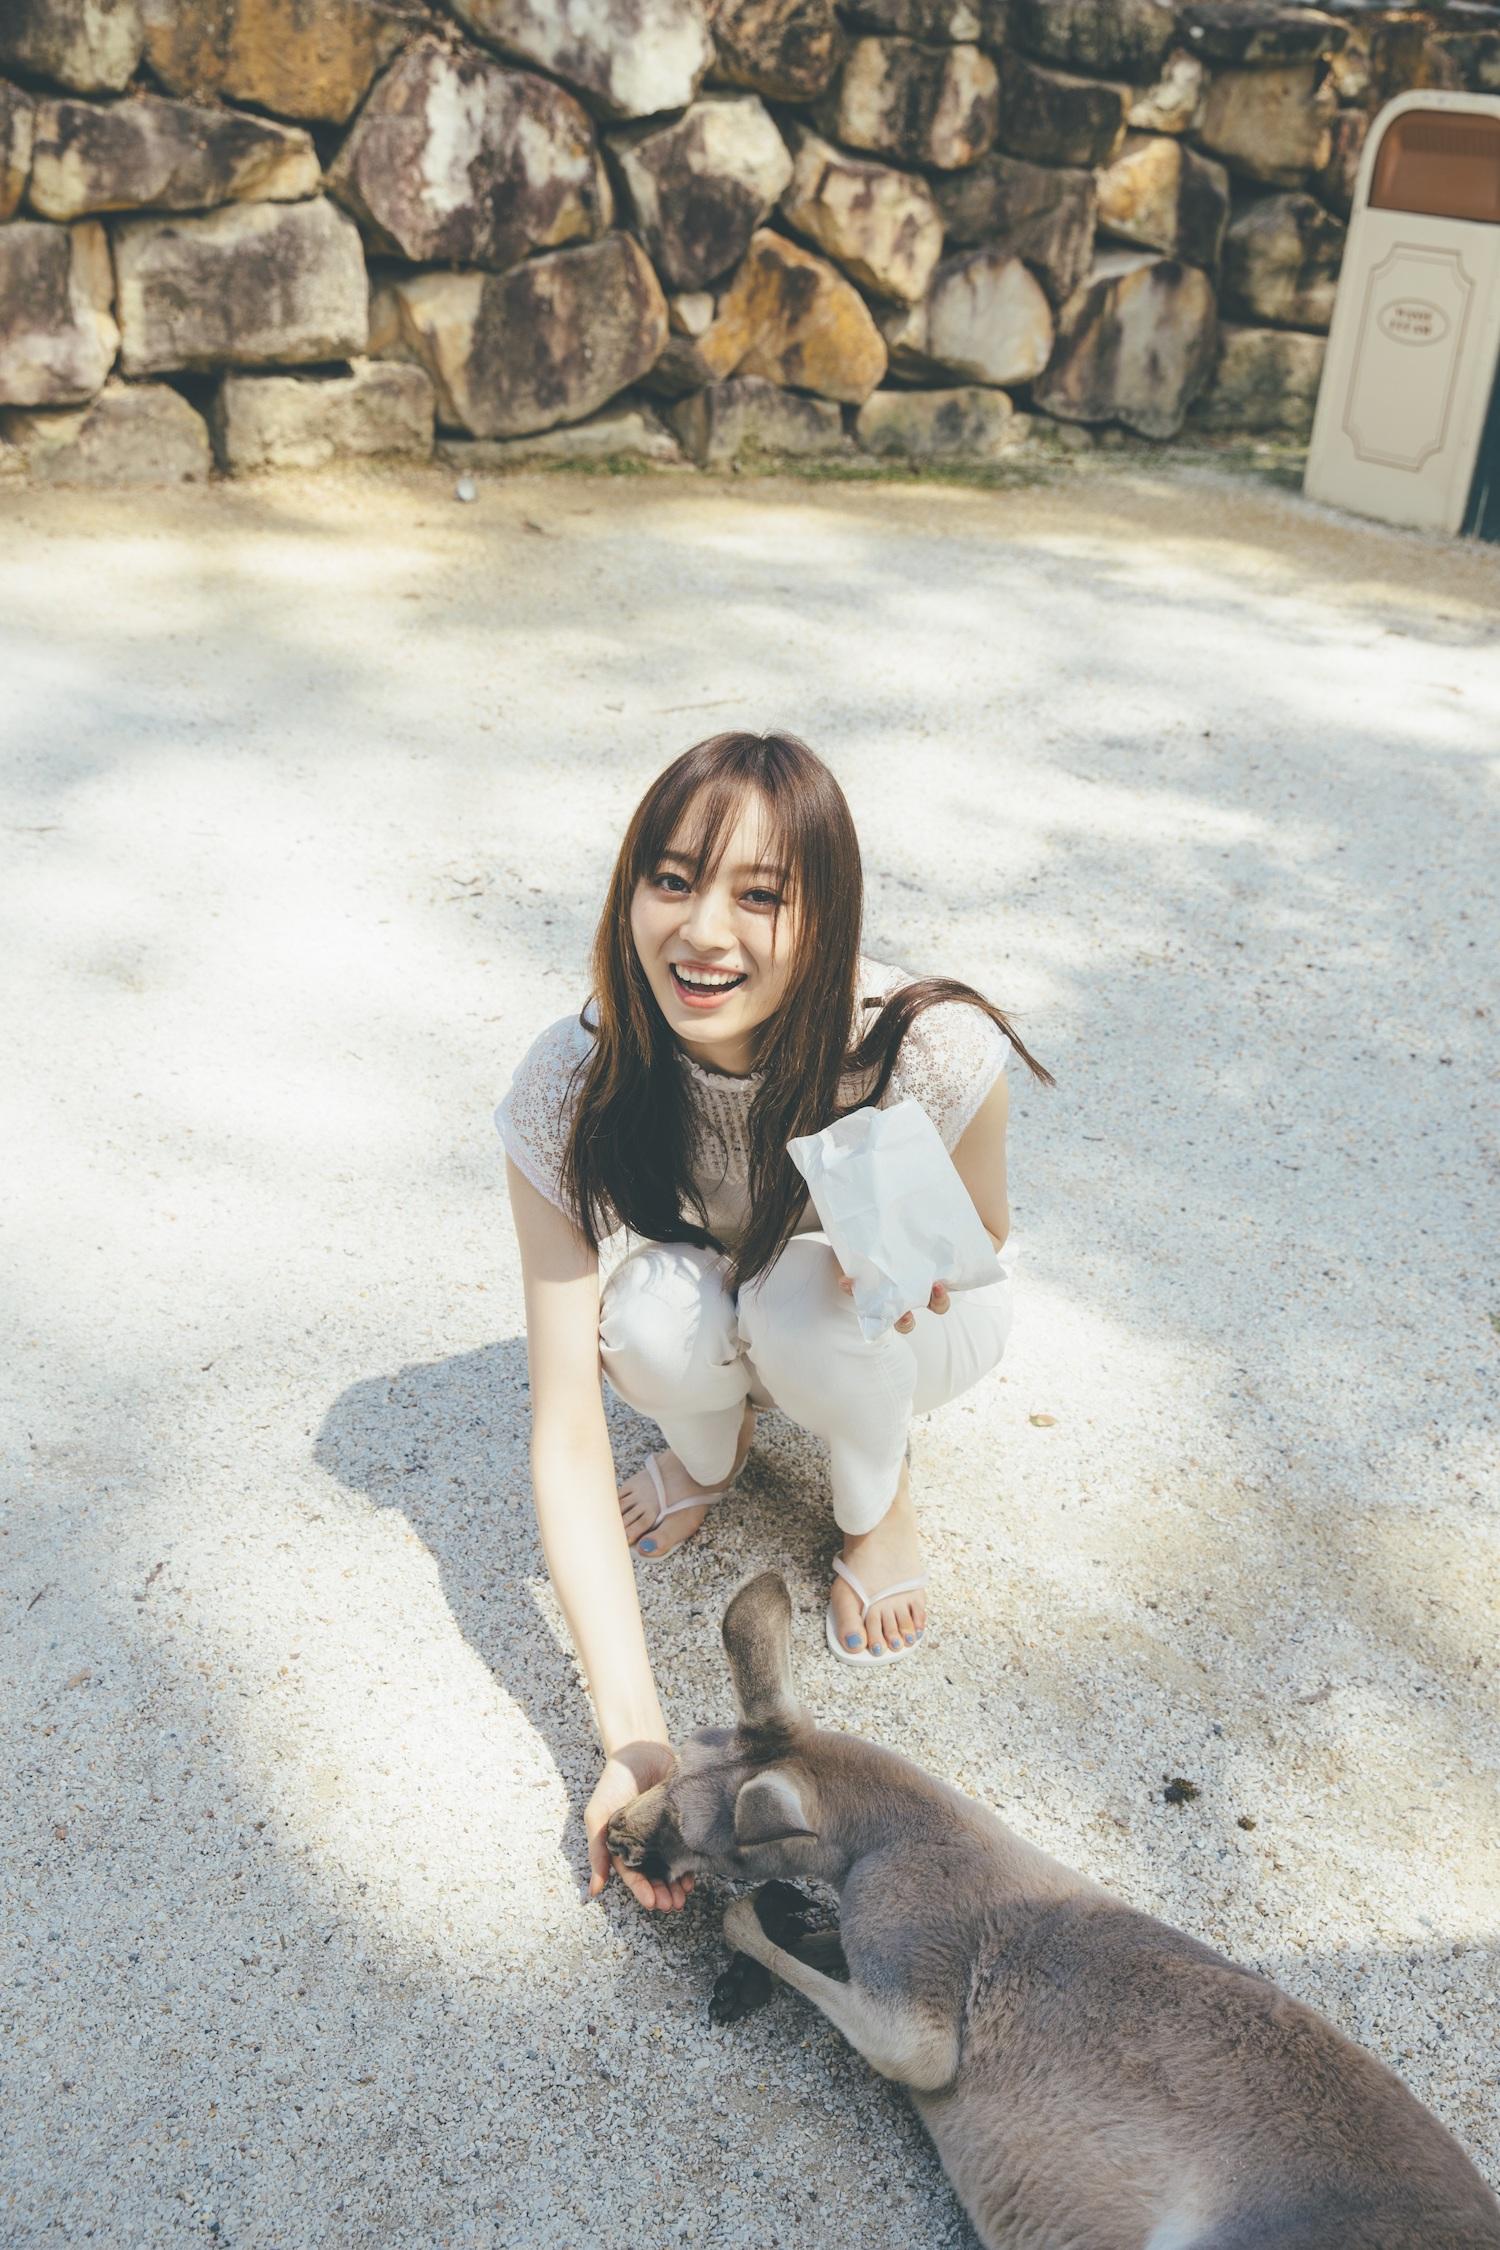 梅澤美波(乃木坂46)、1st写真集 撮影/東京祐